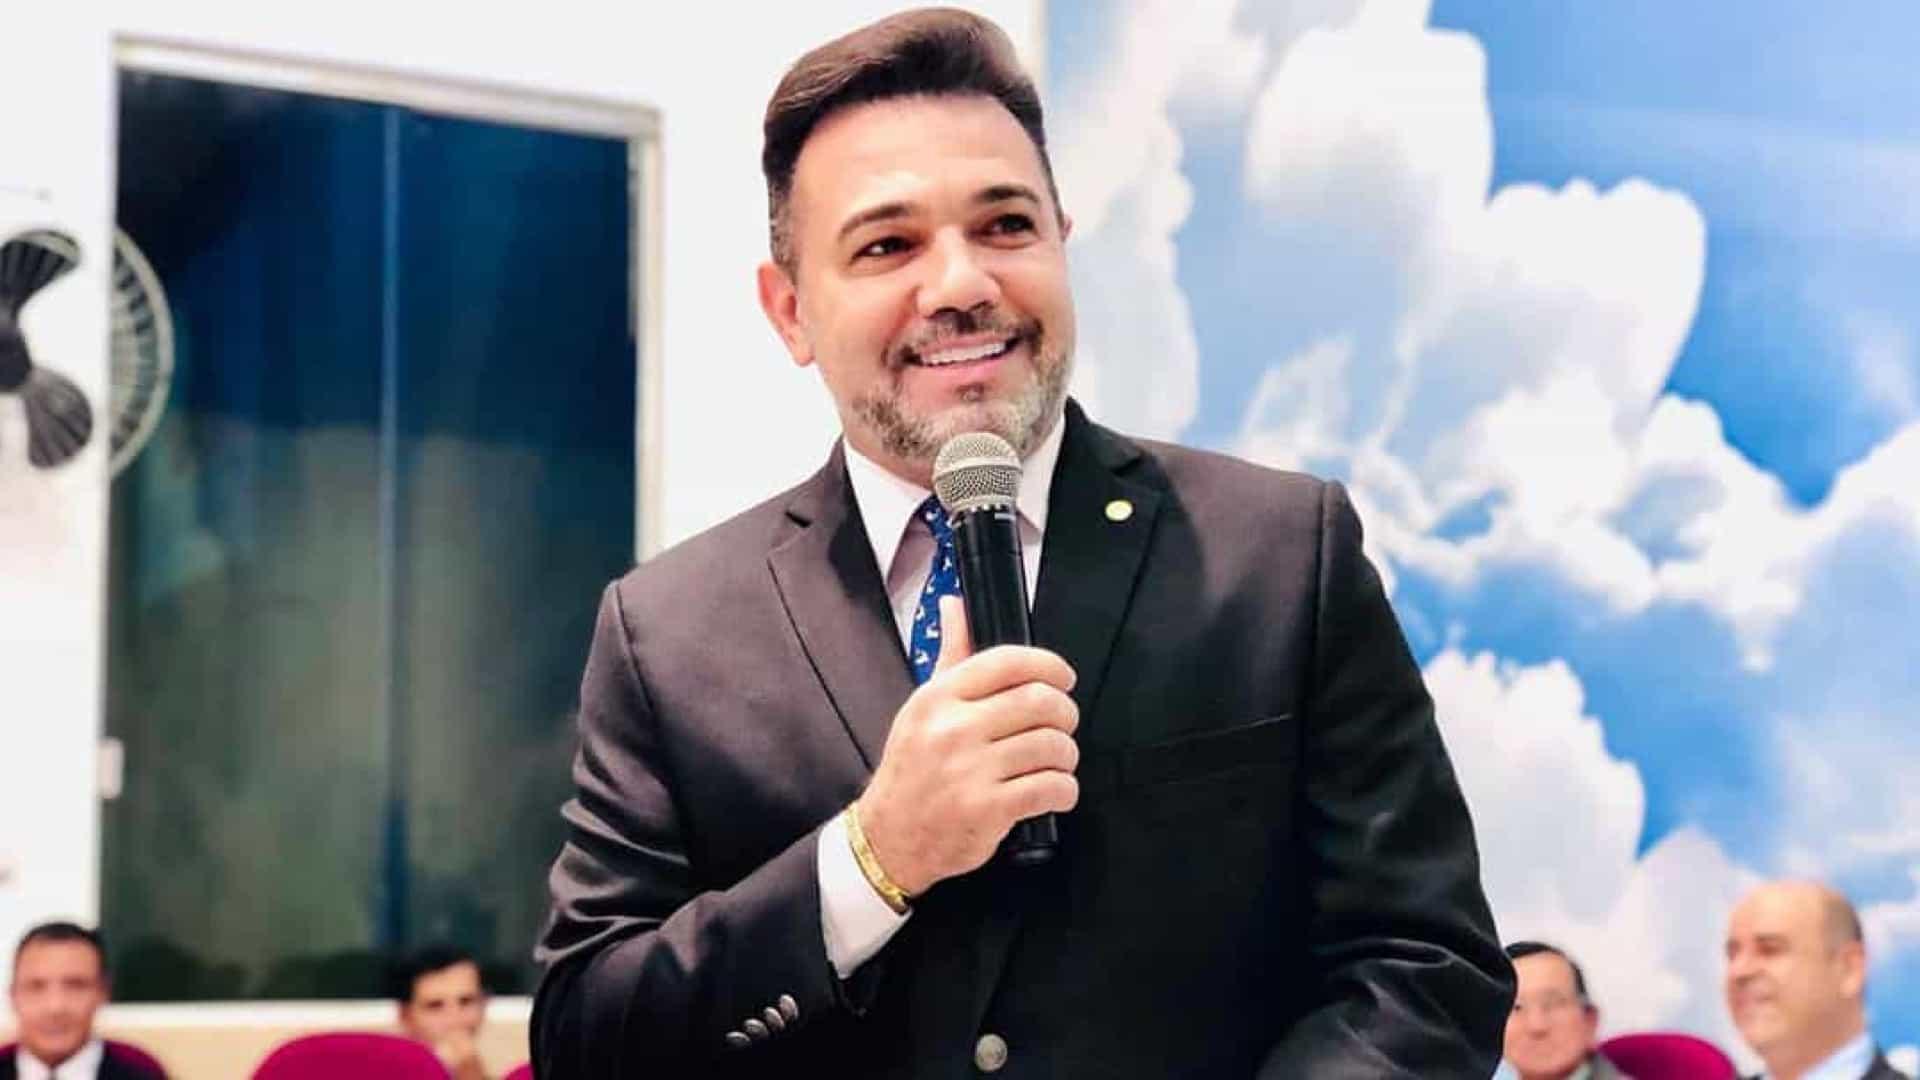 MARCO FELICIANO - Vigilância Sanitária interrompe culto com deputado Marco Feliciano por violar distanciamento